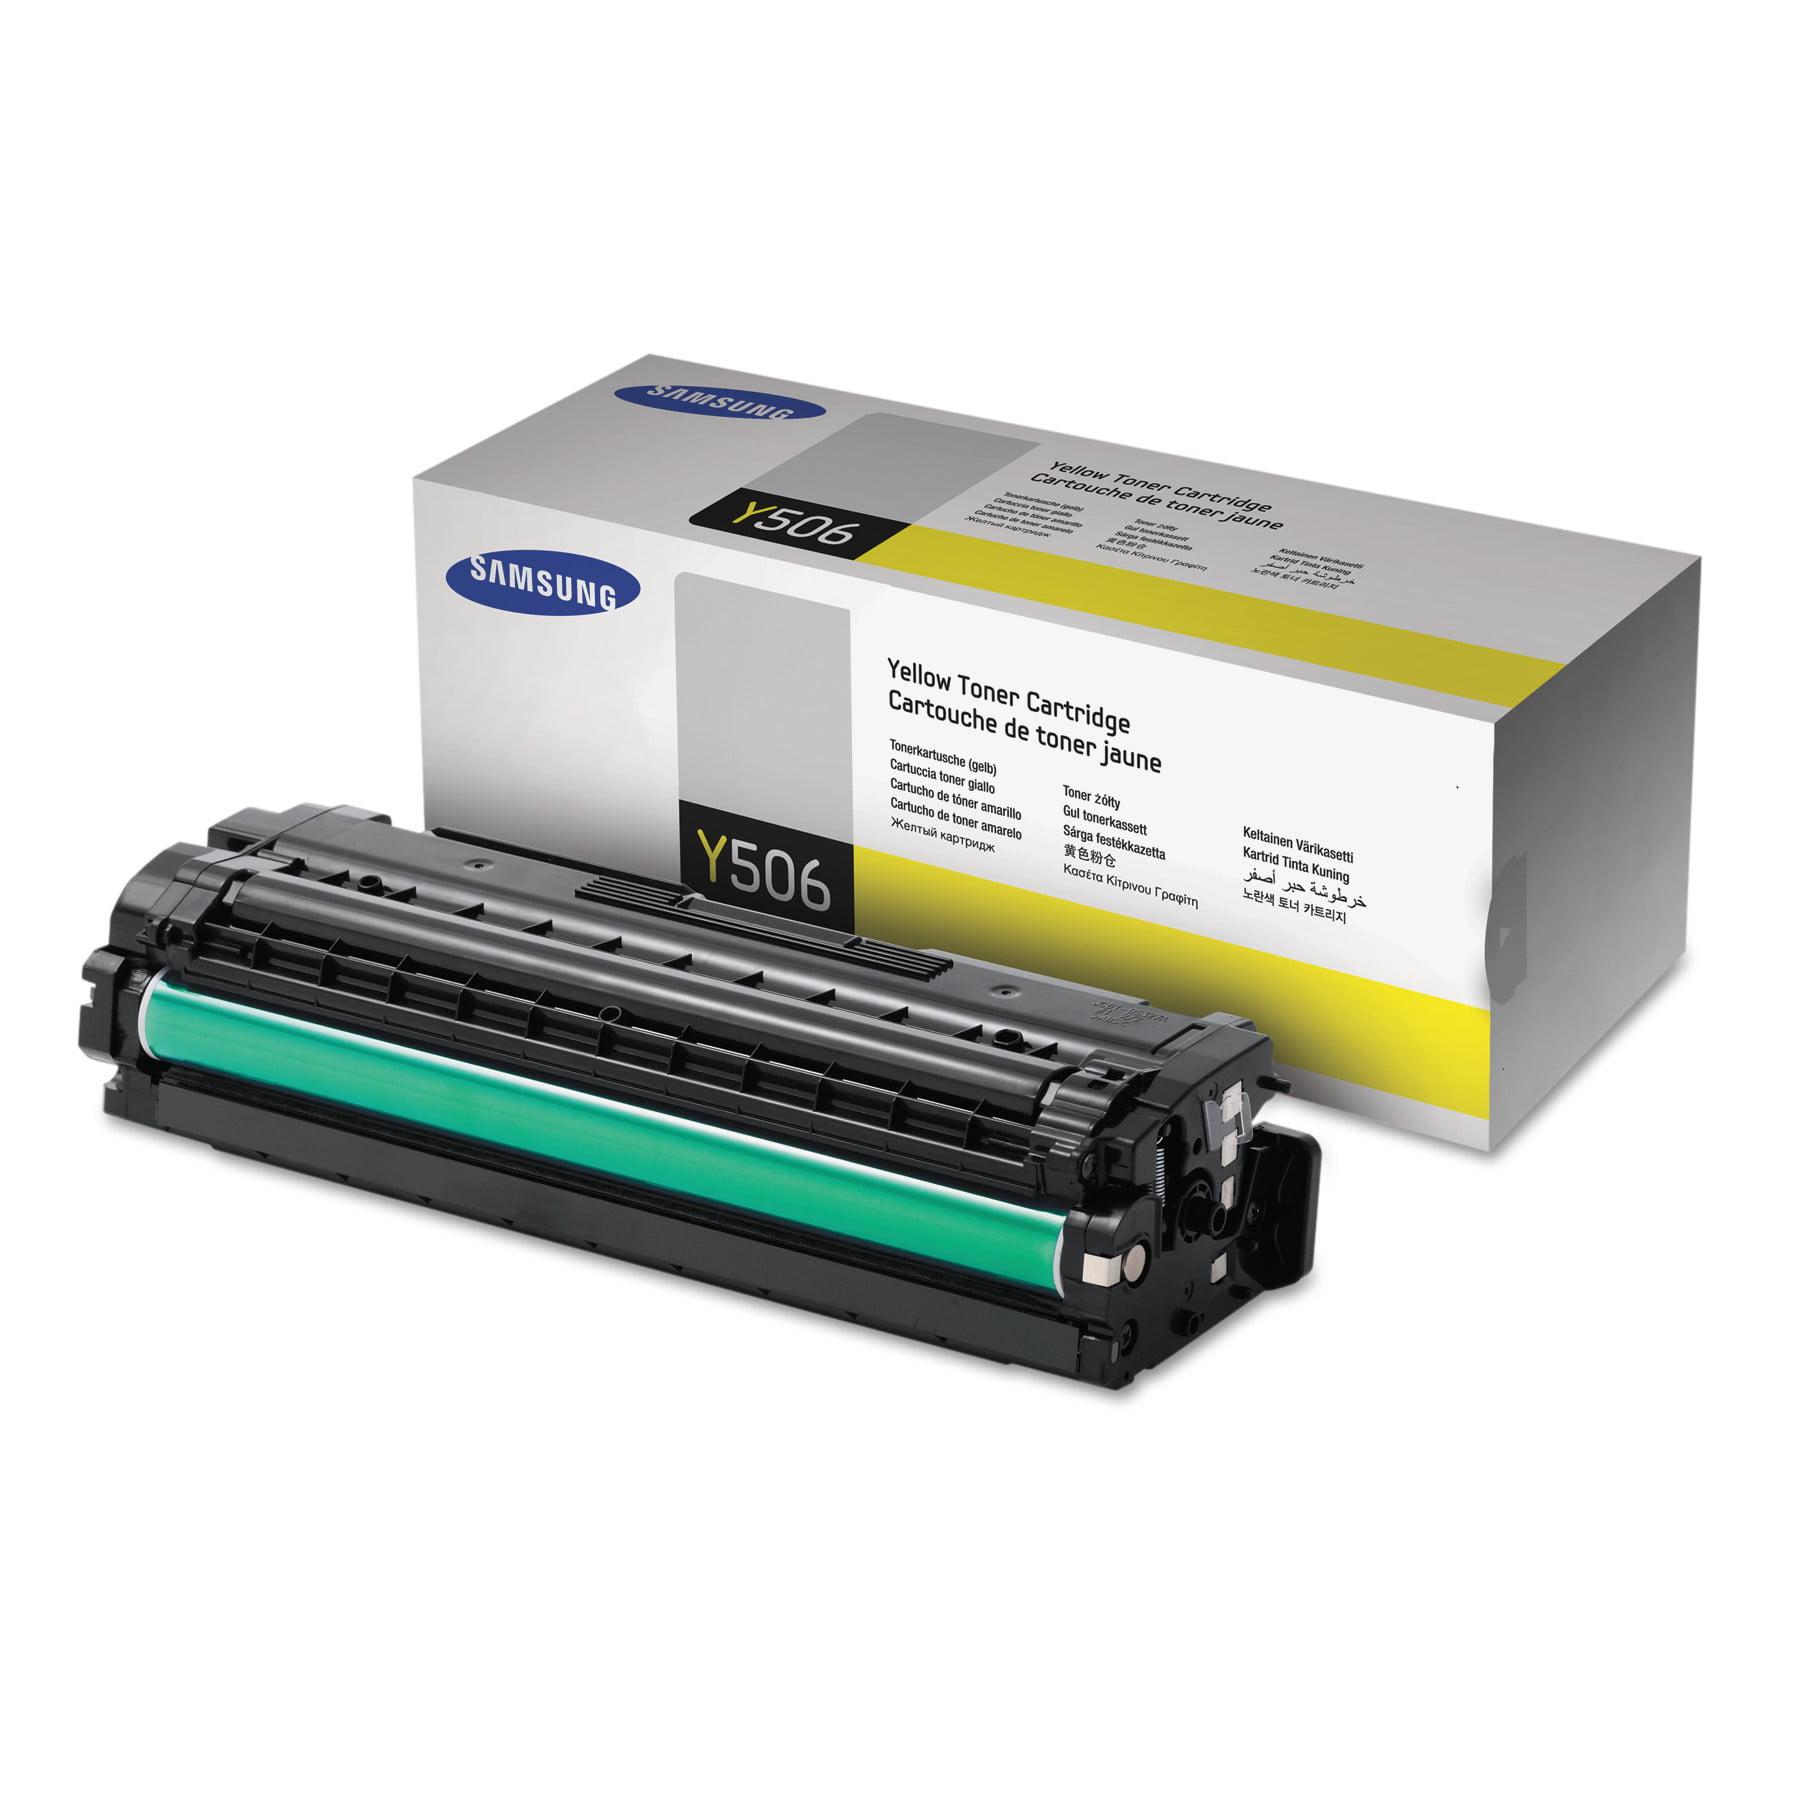 Samsung CLT-Y506S (SU528A) Toner, 1500 Page-Yield, Yellow